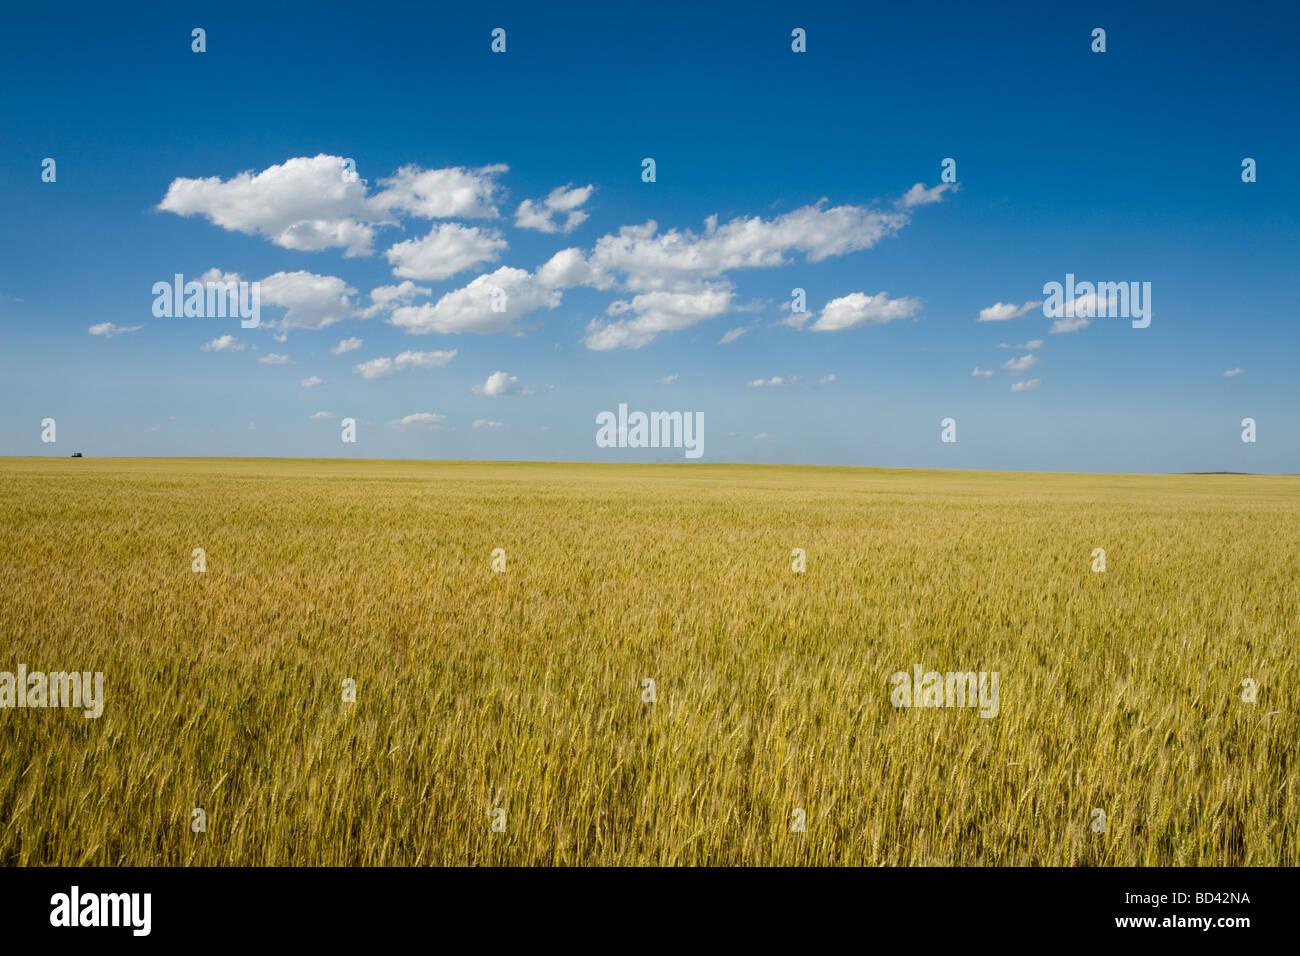 Goldener Weizen wächst im westlichen Nebraska Drescher am Horizont Kornkammer der USA Stockbild